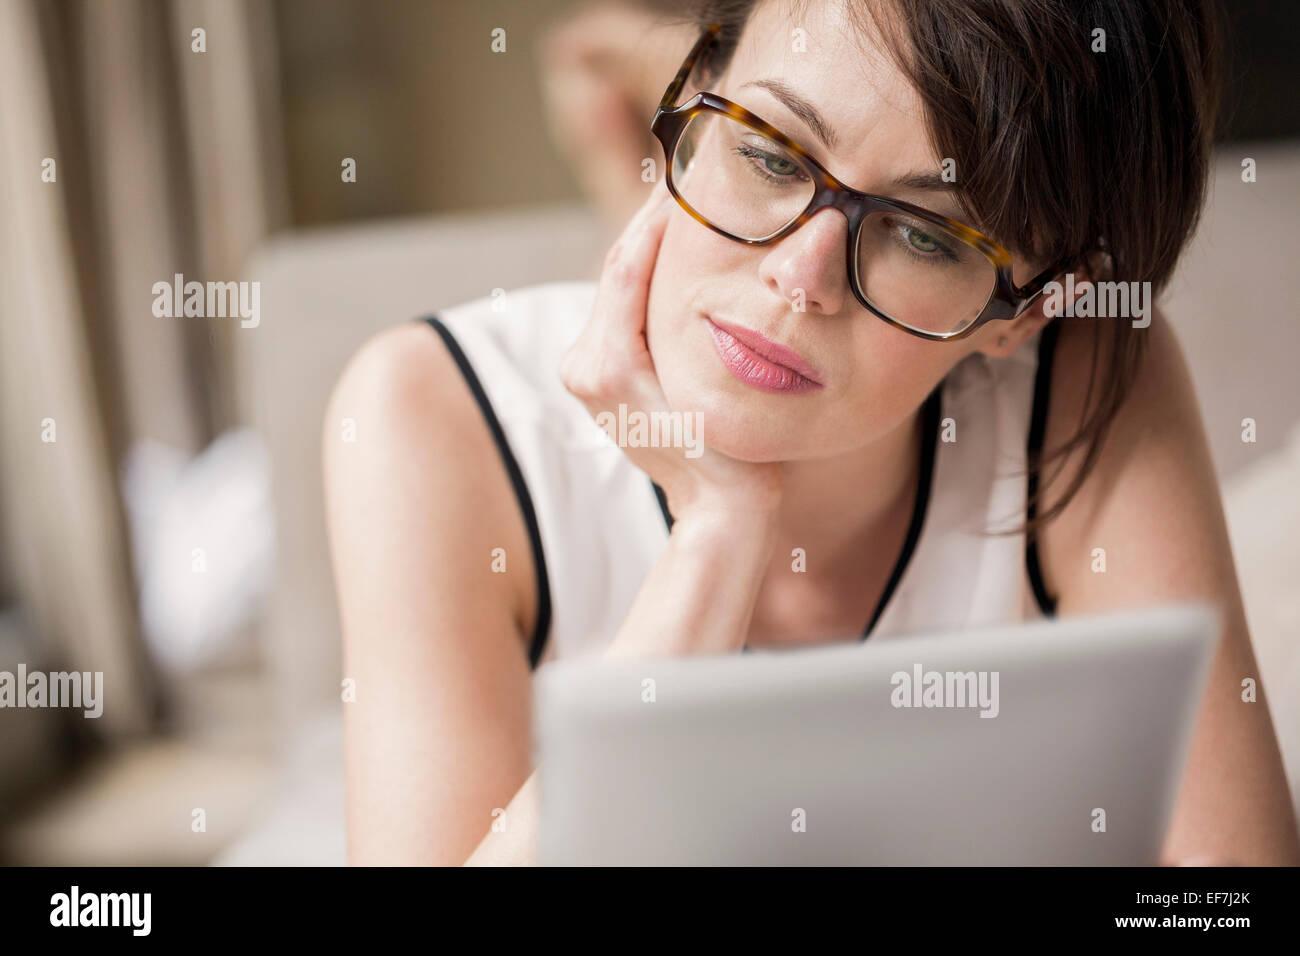 Frau auf dem Bett liegend und mit Blick auf eine digital-Tablette Stockbild